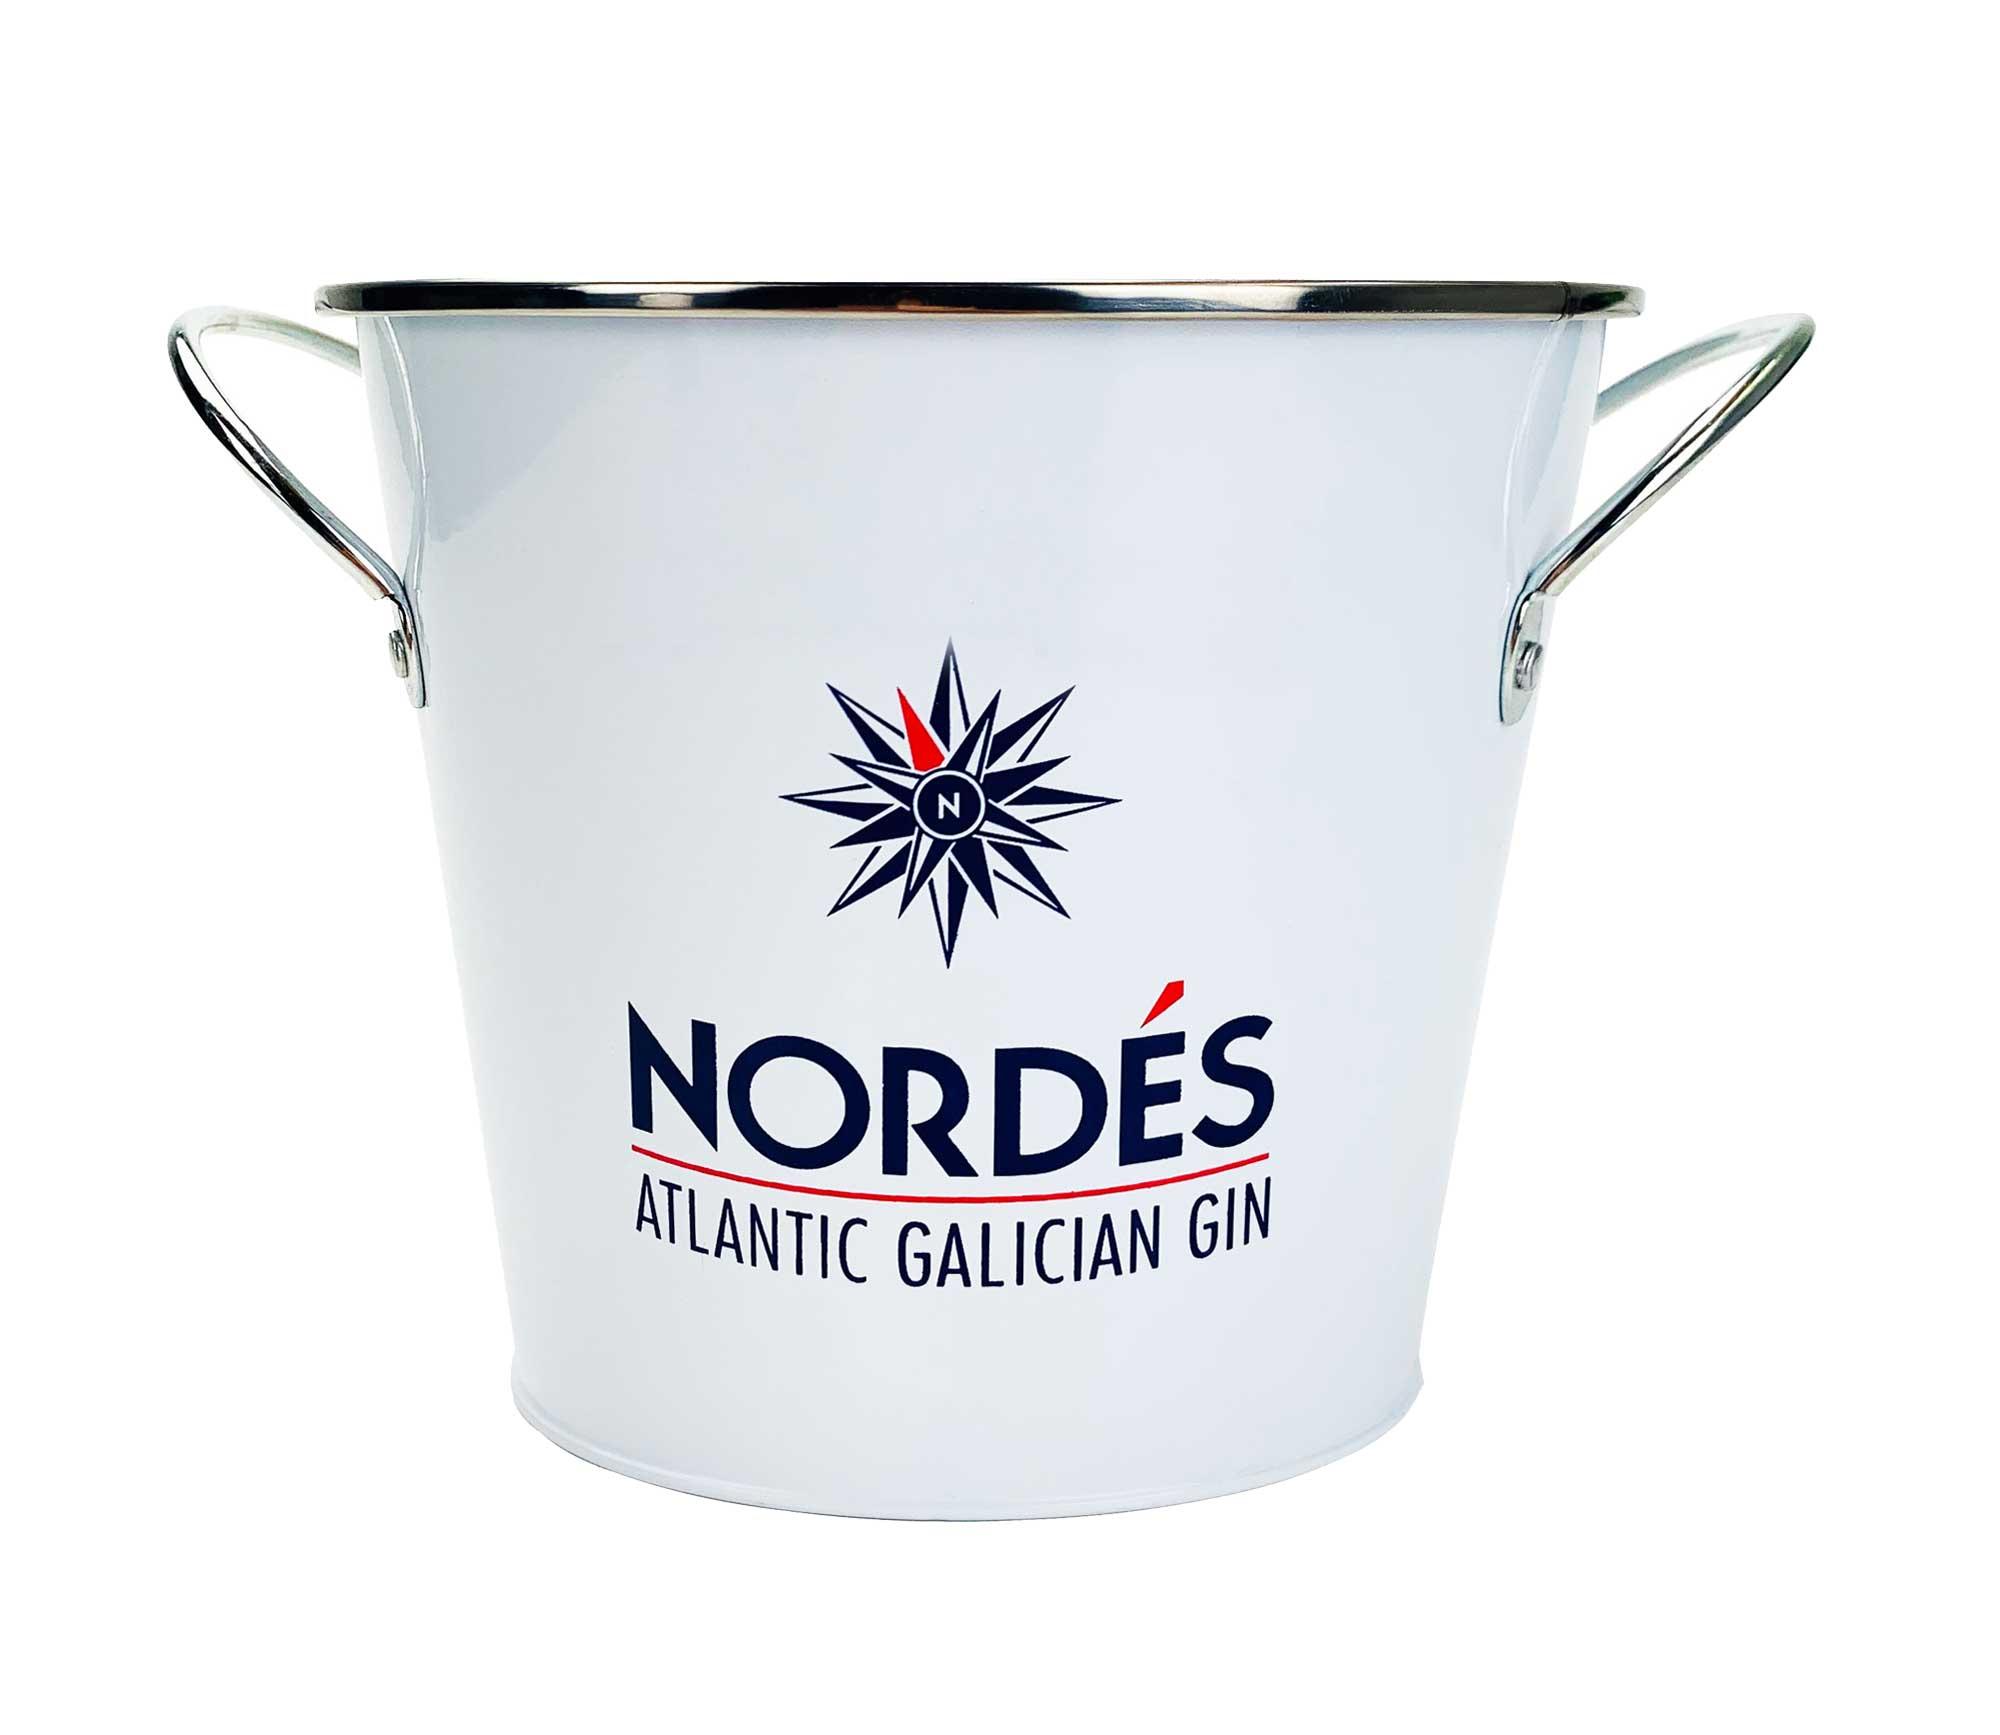 Nordes Atlantic Galician Gin Eimer Flaschenkühler Eiskühler Getränkekühler Eisbox